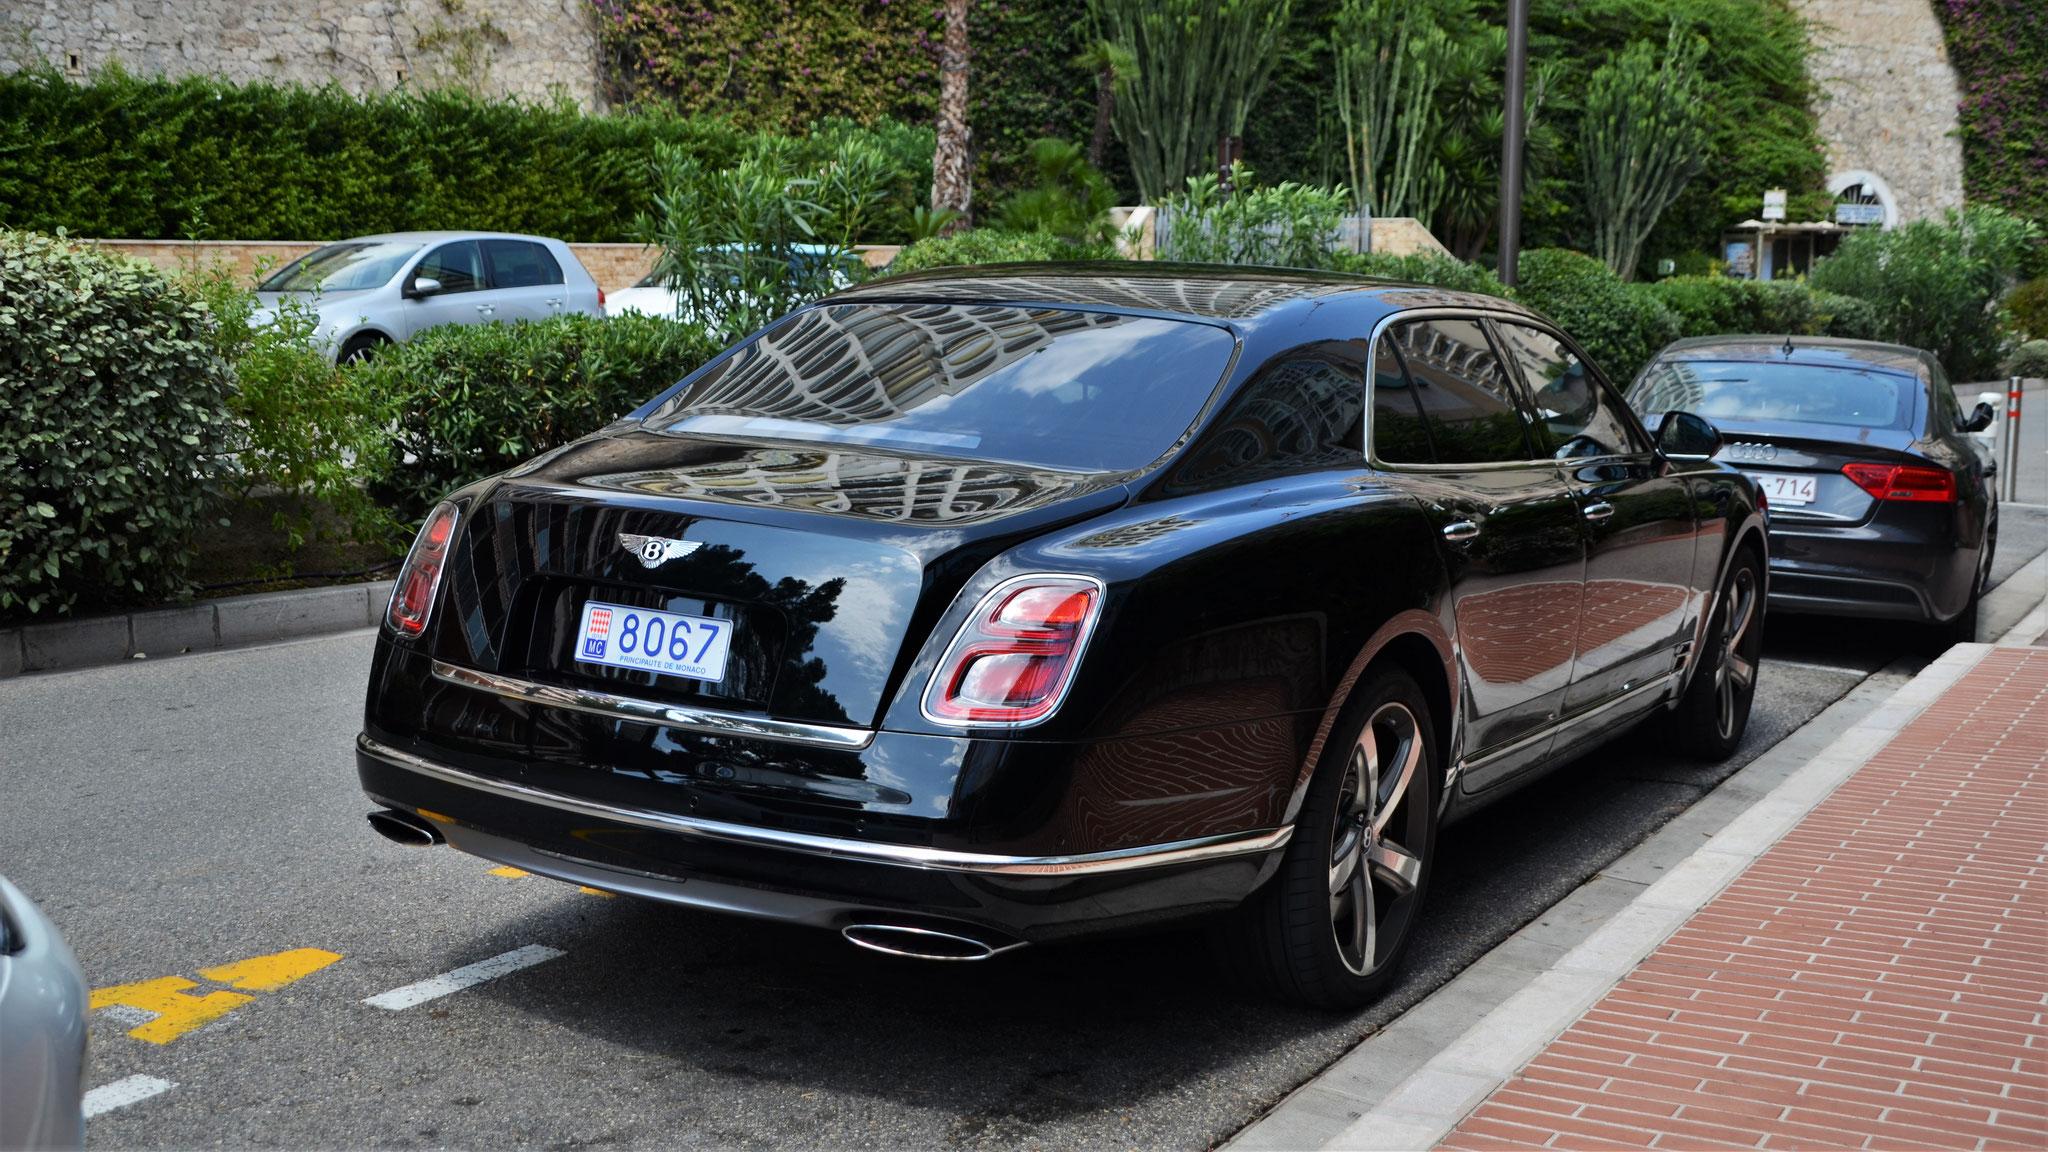 Bentley Mulsanne - 8067 (MC)